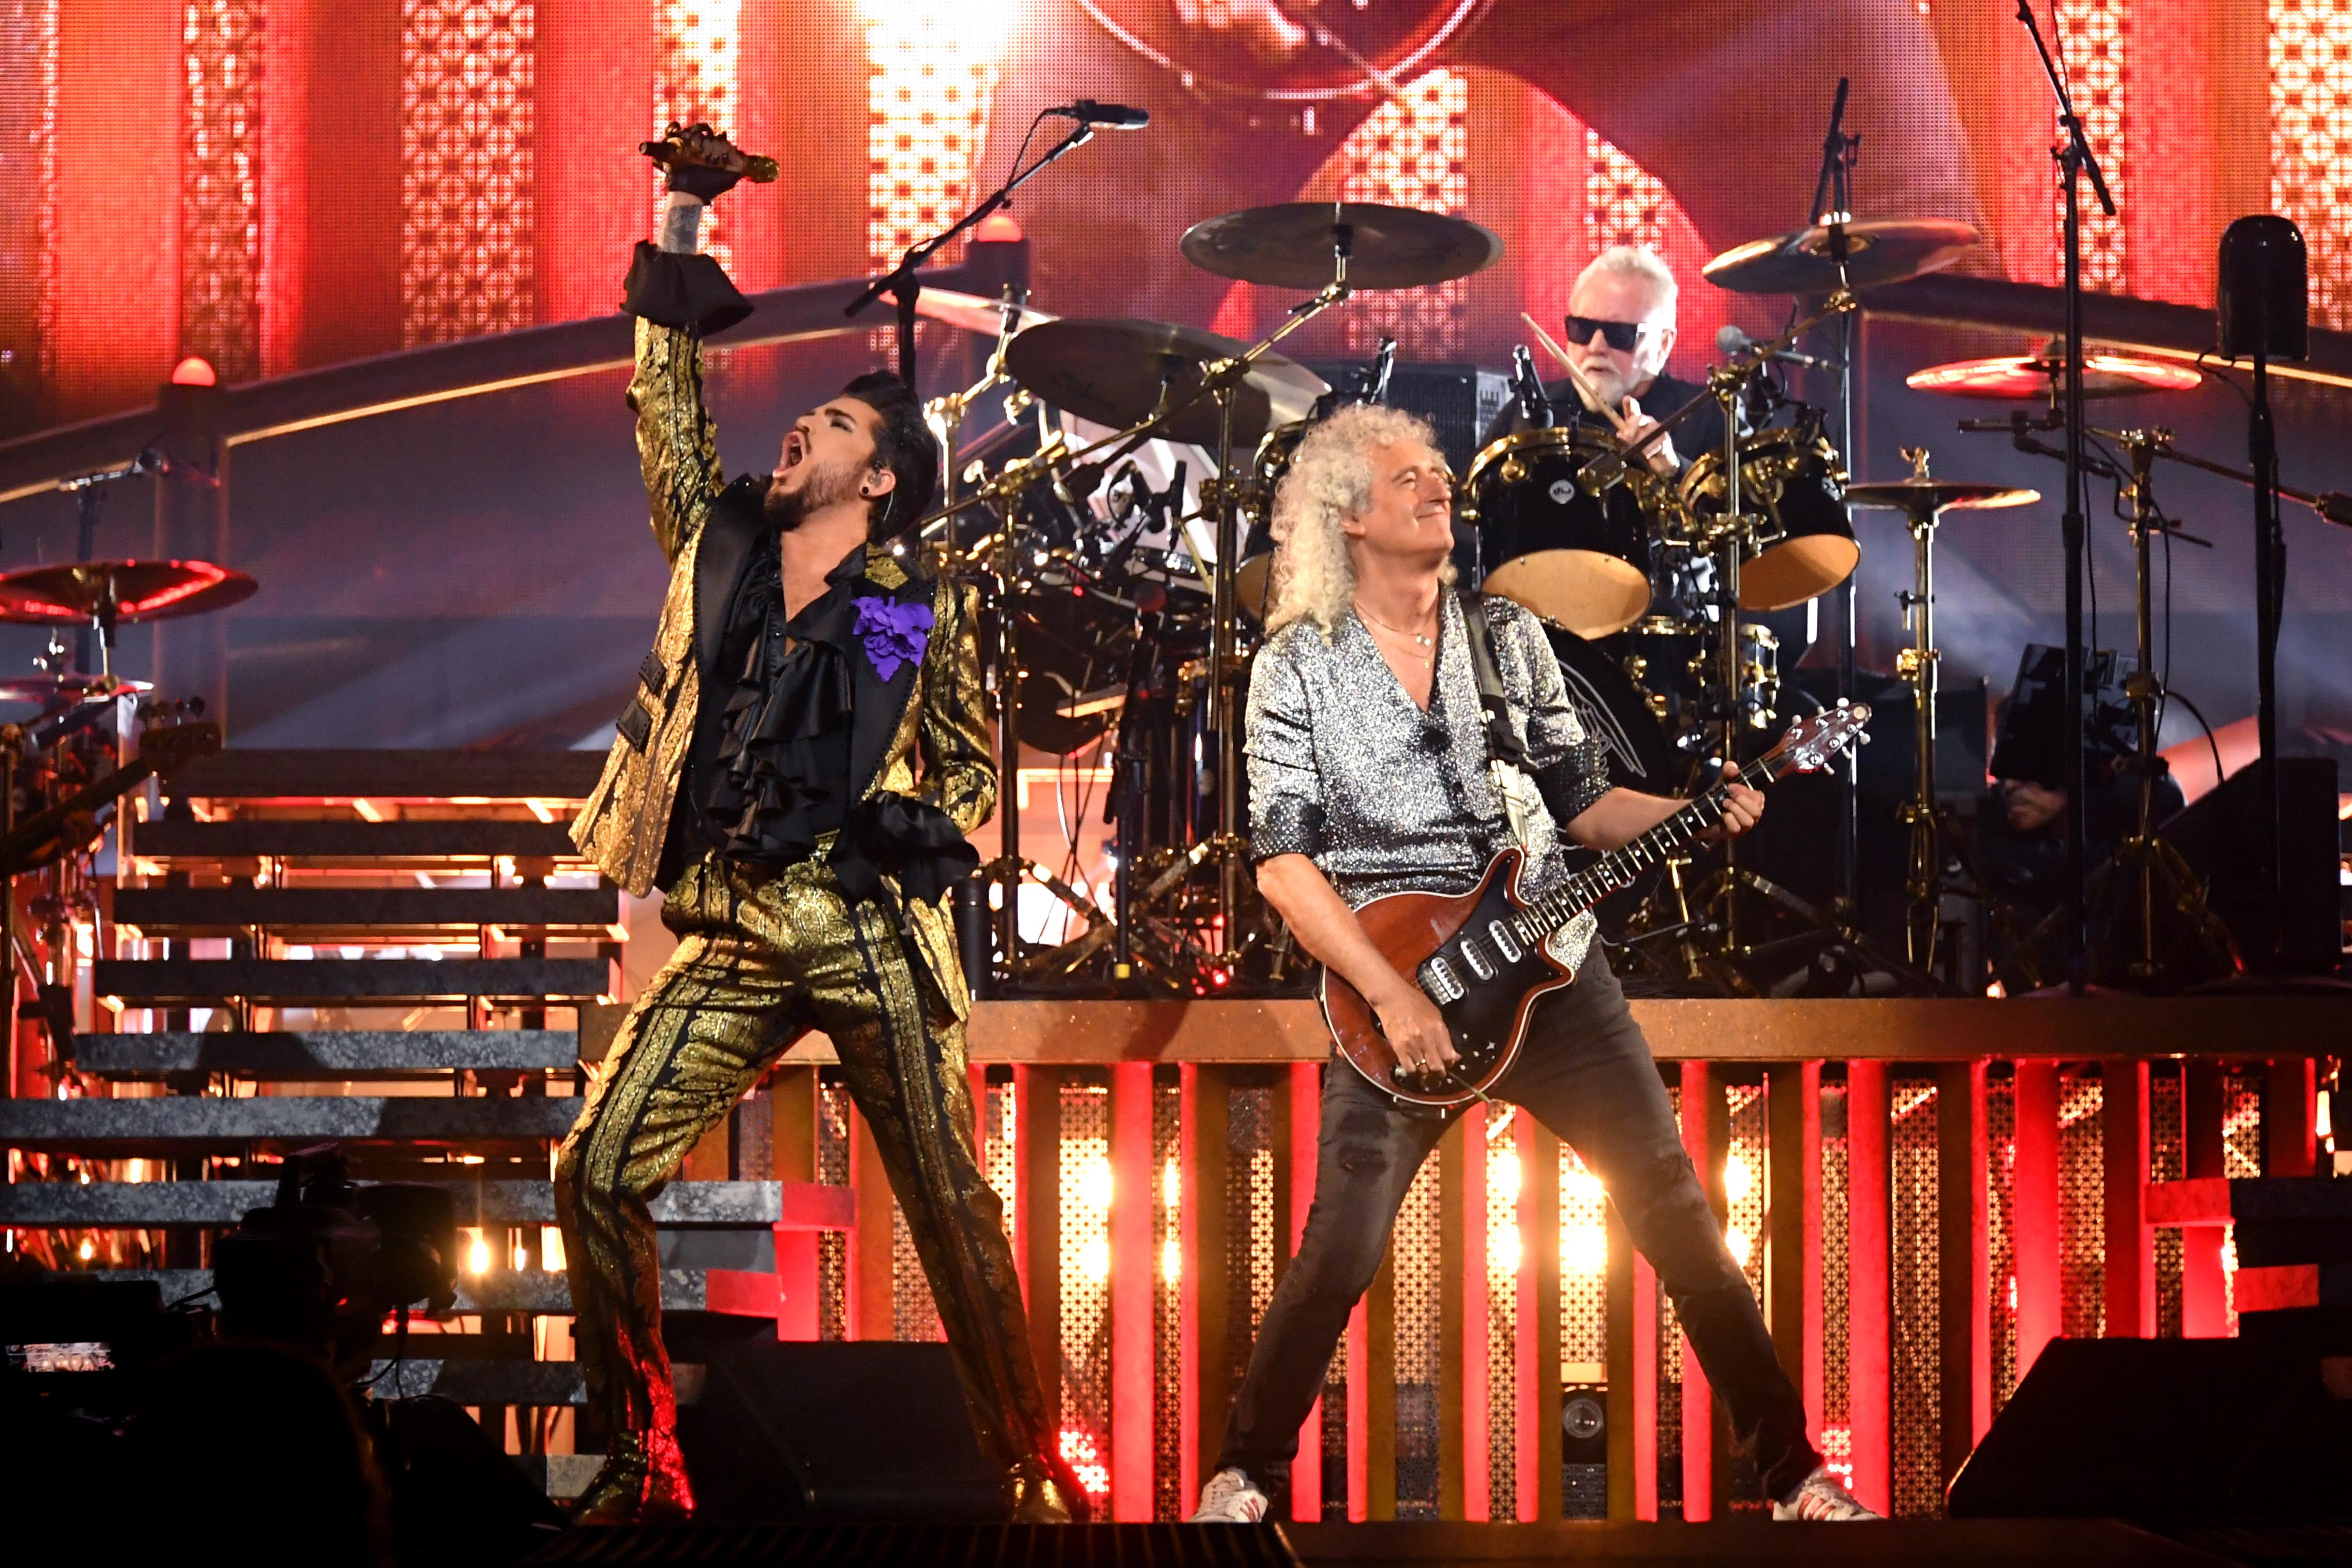 Queen concierto MSG nueva york